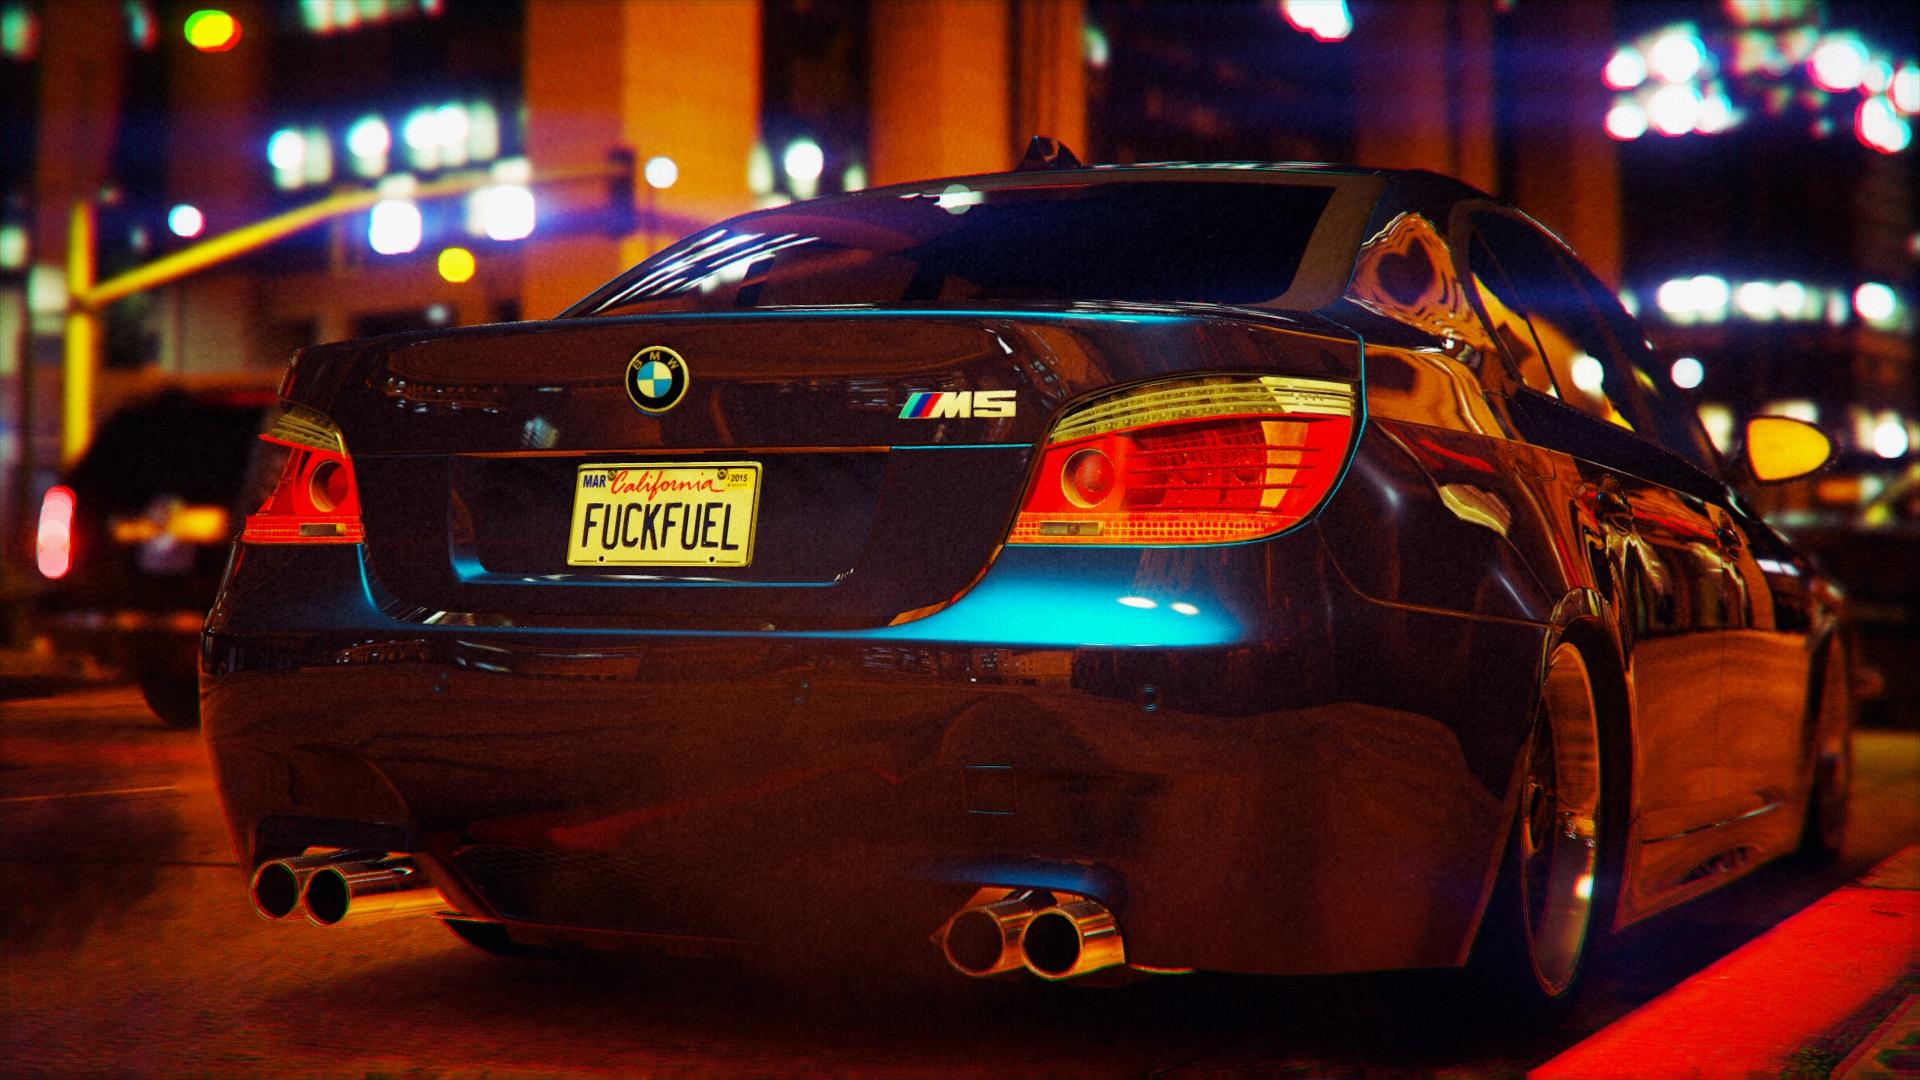 BMW M5 E60 v1.1 для GTA V - Скриншот 3